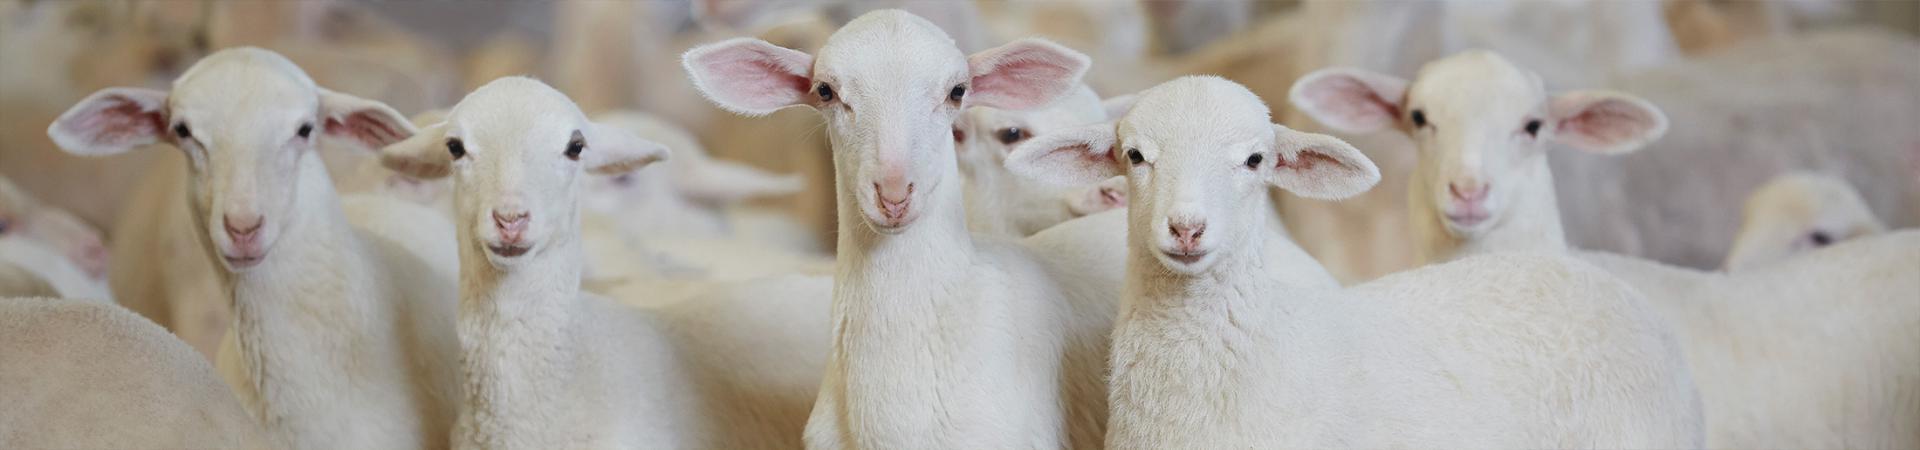 متخصصون في لحم الخراف